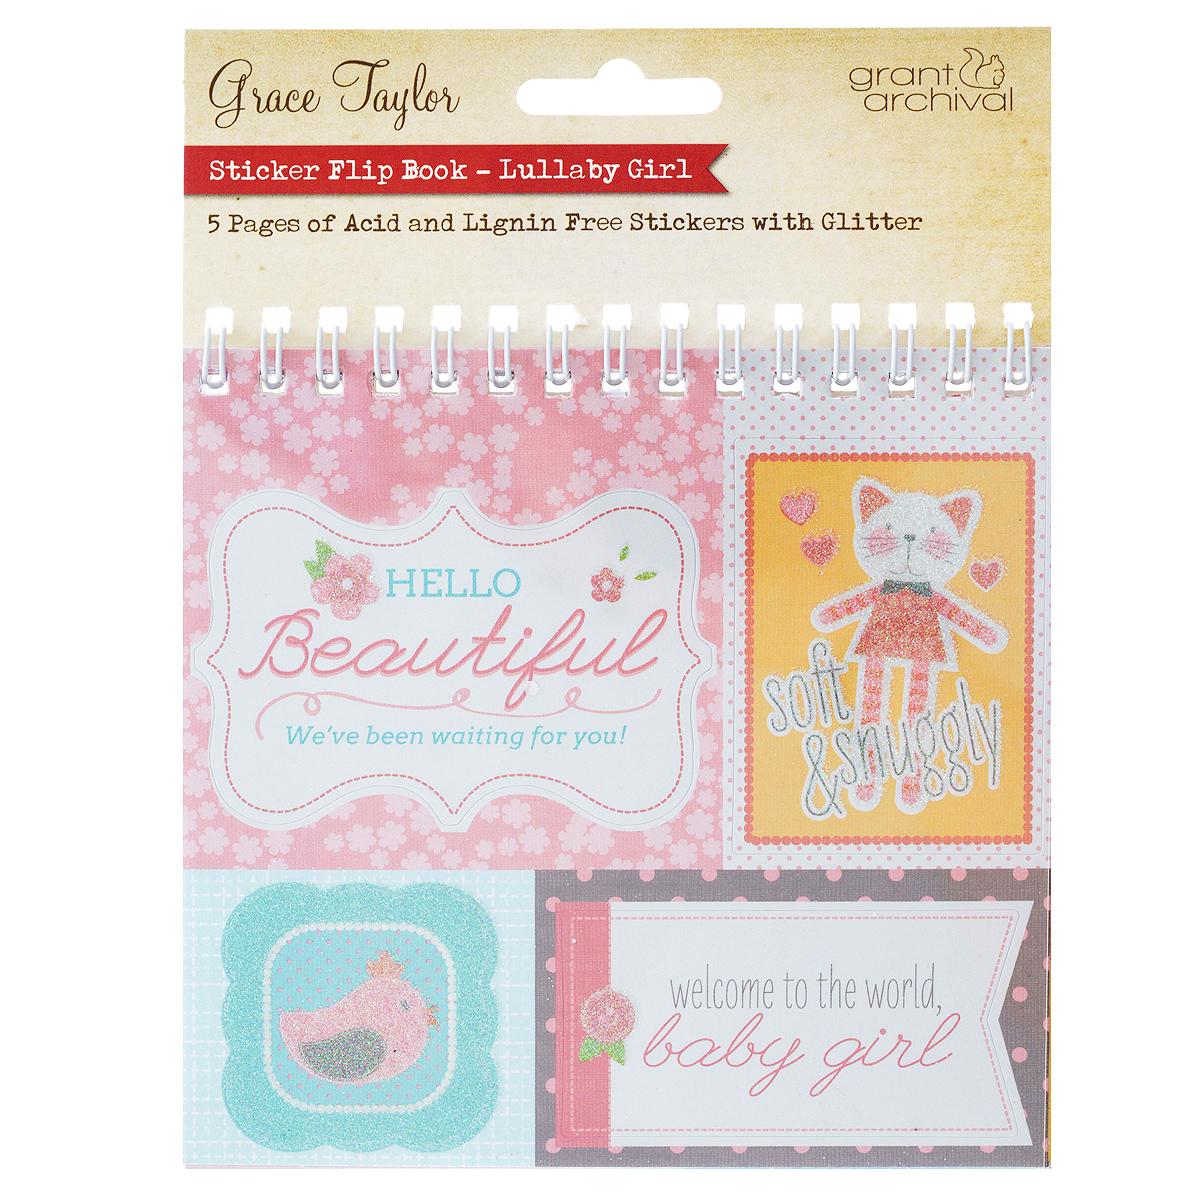 Набор стикеров Grant Archival Baby Girl, с глиттером, 27 штGS2652Стикеры Grant Archival Baby Girl выполнены из высококачественной бумаги и оформлены глиттером. Такой набор прекрасно подойдет для оформления творческих работ в технике скрапбукинга. Стикеры можно использовать для украшения фотоальбомов, скрап-страничек, подарков, конвертов, фоторамок, открыток и многого другого. В наборе - 27 стикеров разного размера и дизайна. На задней стороне - клейкая поверхность. Скрапбукинг - это хобби, которое способно приносить массу приятных эмоций не только человеку, который этим занимается, но и его близким, друзьям, родным. Это невероятно увлекательное занятие, которое поможет вам сохранить наиболее памятные и яркие моменты вашей жизни, а также интересно оформить интерьер дома. Размер листа: 13 см х 12,5 см. Средний размер стикера: 4,8 см х 2,5 см. Количество стикеров: 27 шт.